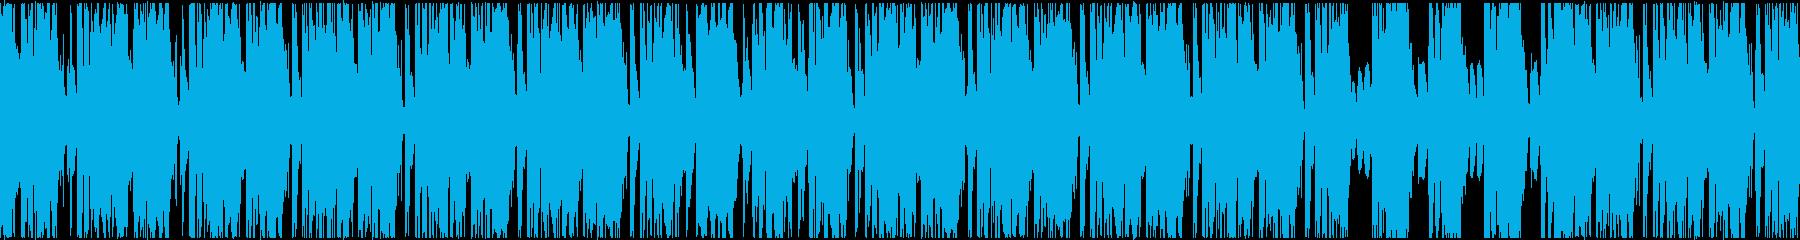 おちゃらけドラムに真面目なシンセの再生済みの波形